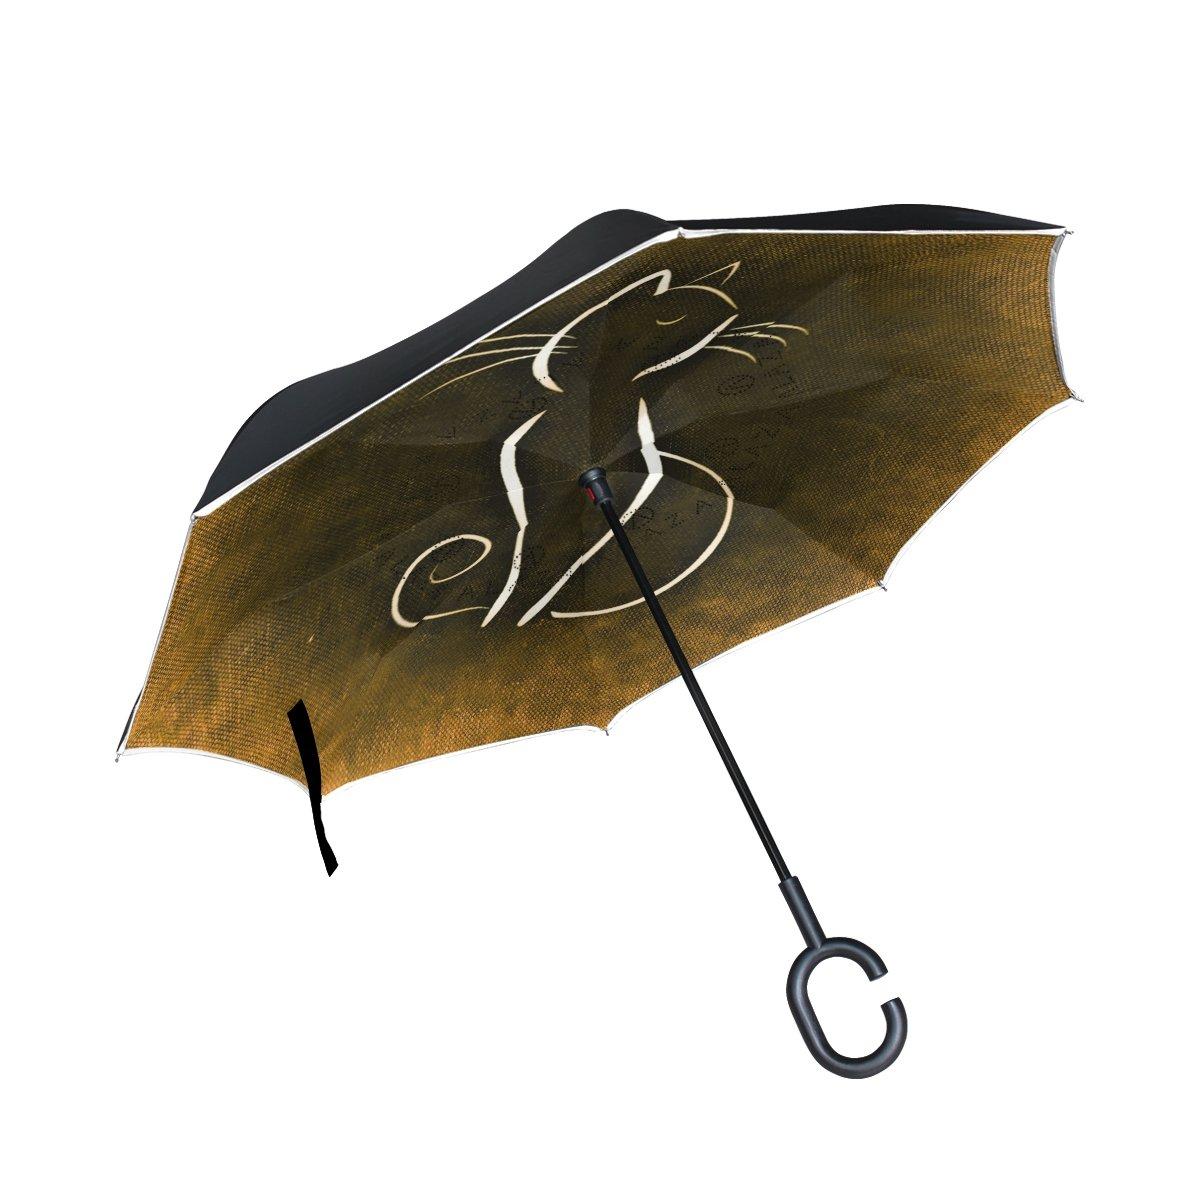 Mango en Forma de C Paraguas Vintage Gato ISAOA Paraguas Grande invertido Paraguas Resistente al Viento Doble Capa Reversible Plegable Paraguas para Coche Lluvia Uso al Aire Libre